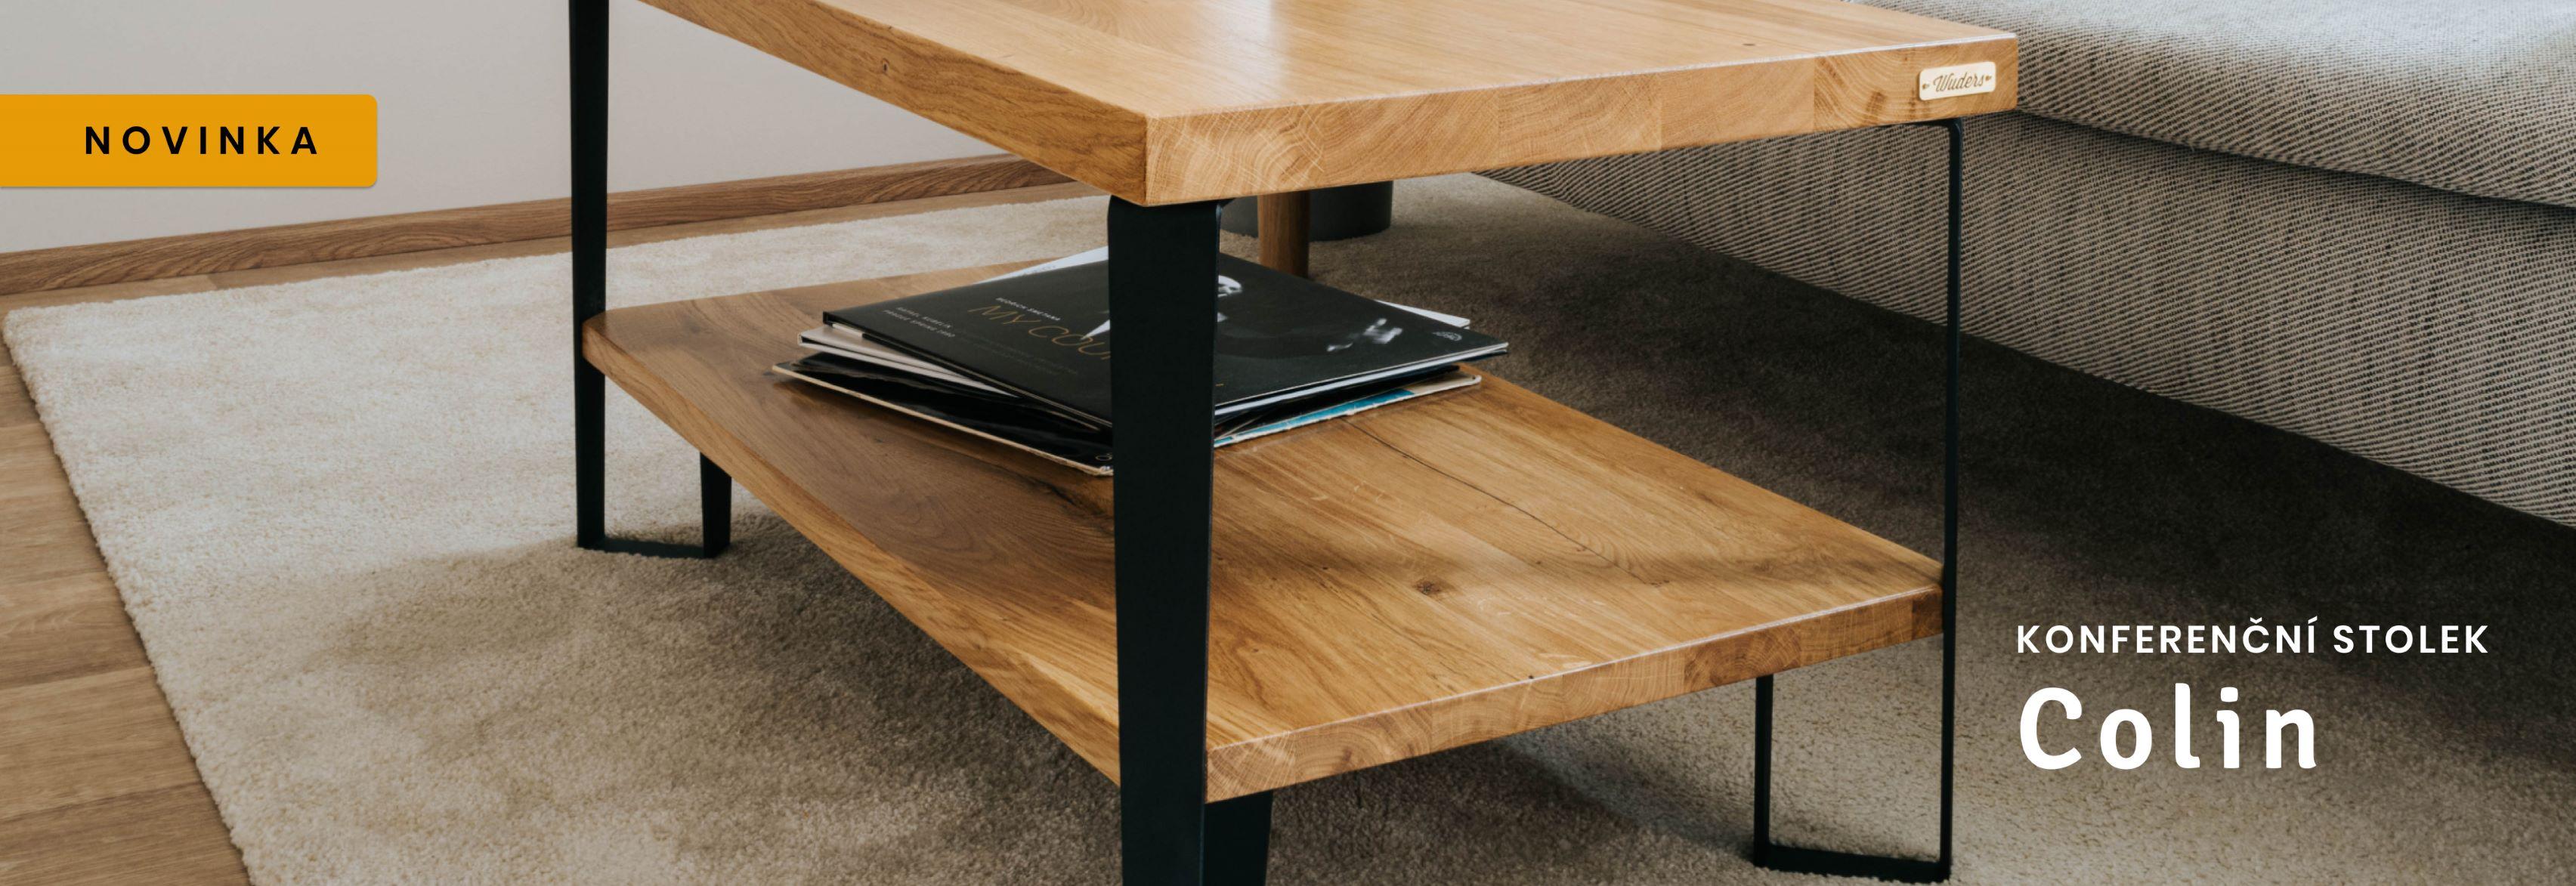 Konferenční stolek Colin